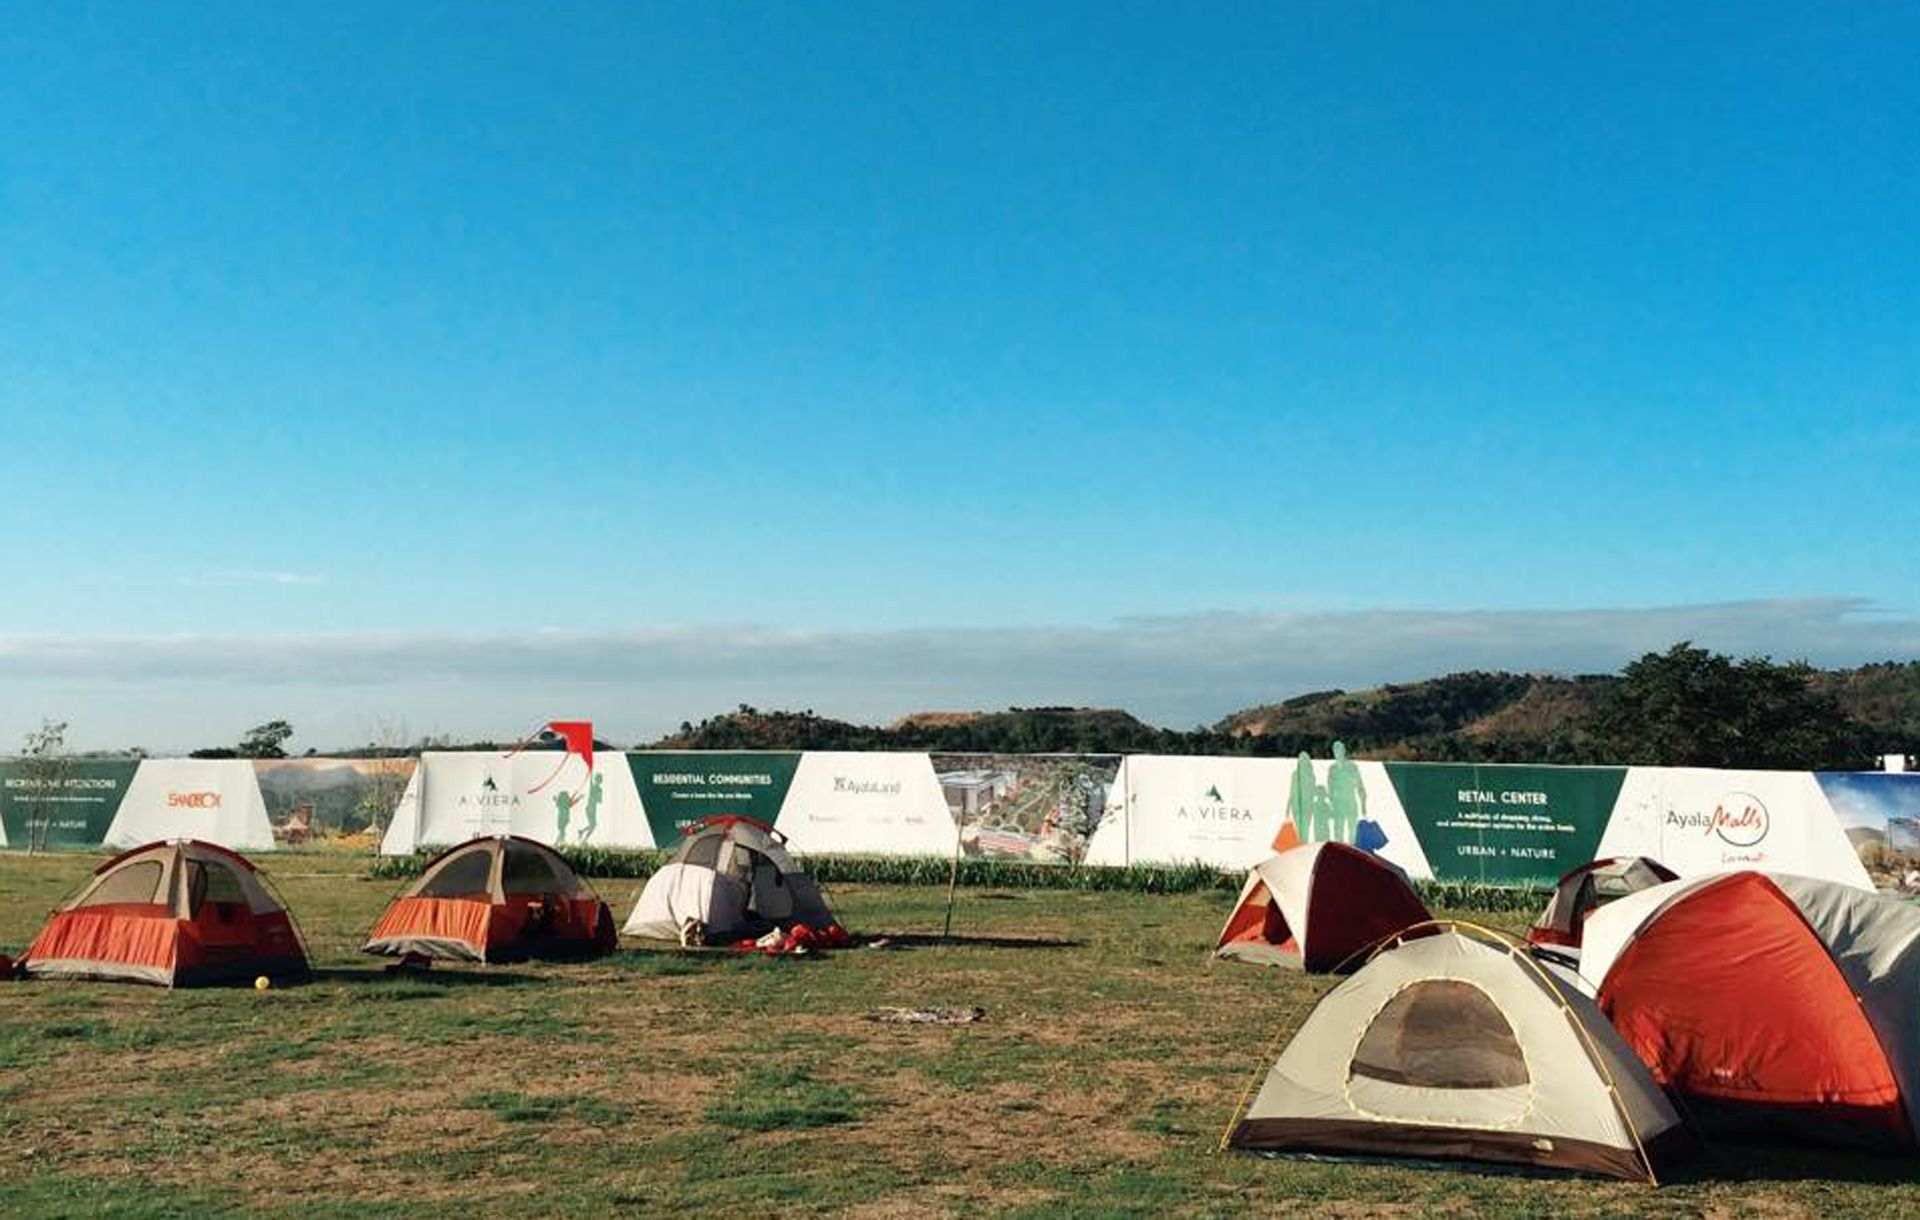 Holiday Camping Adventure at Alviera